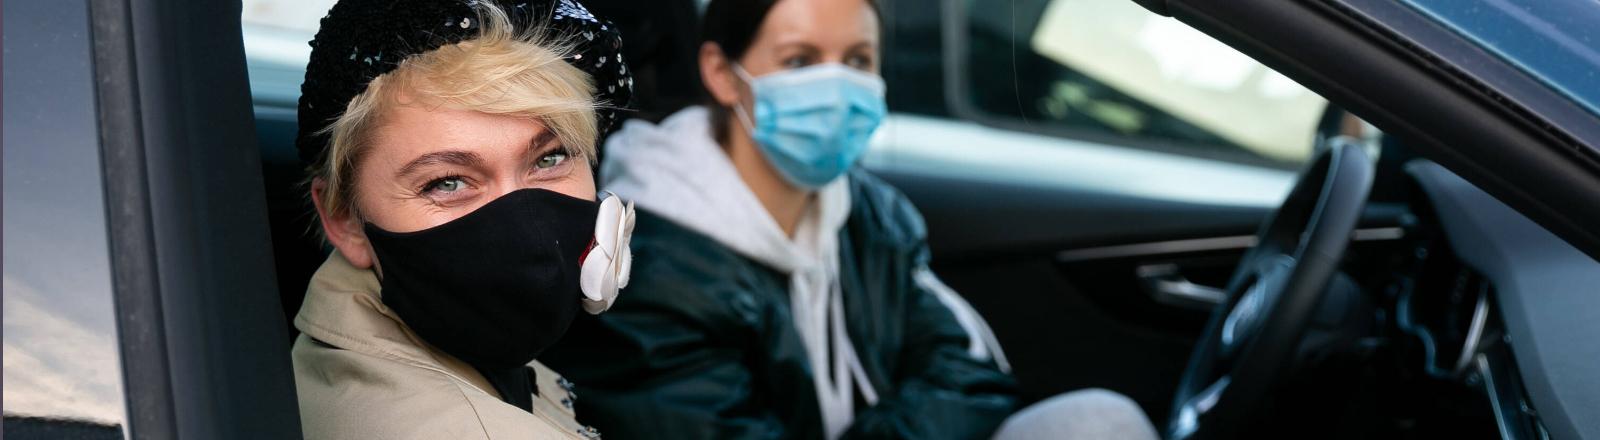 Zwei Frauen mit Schutzmaske im Auto